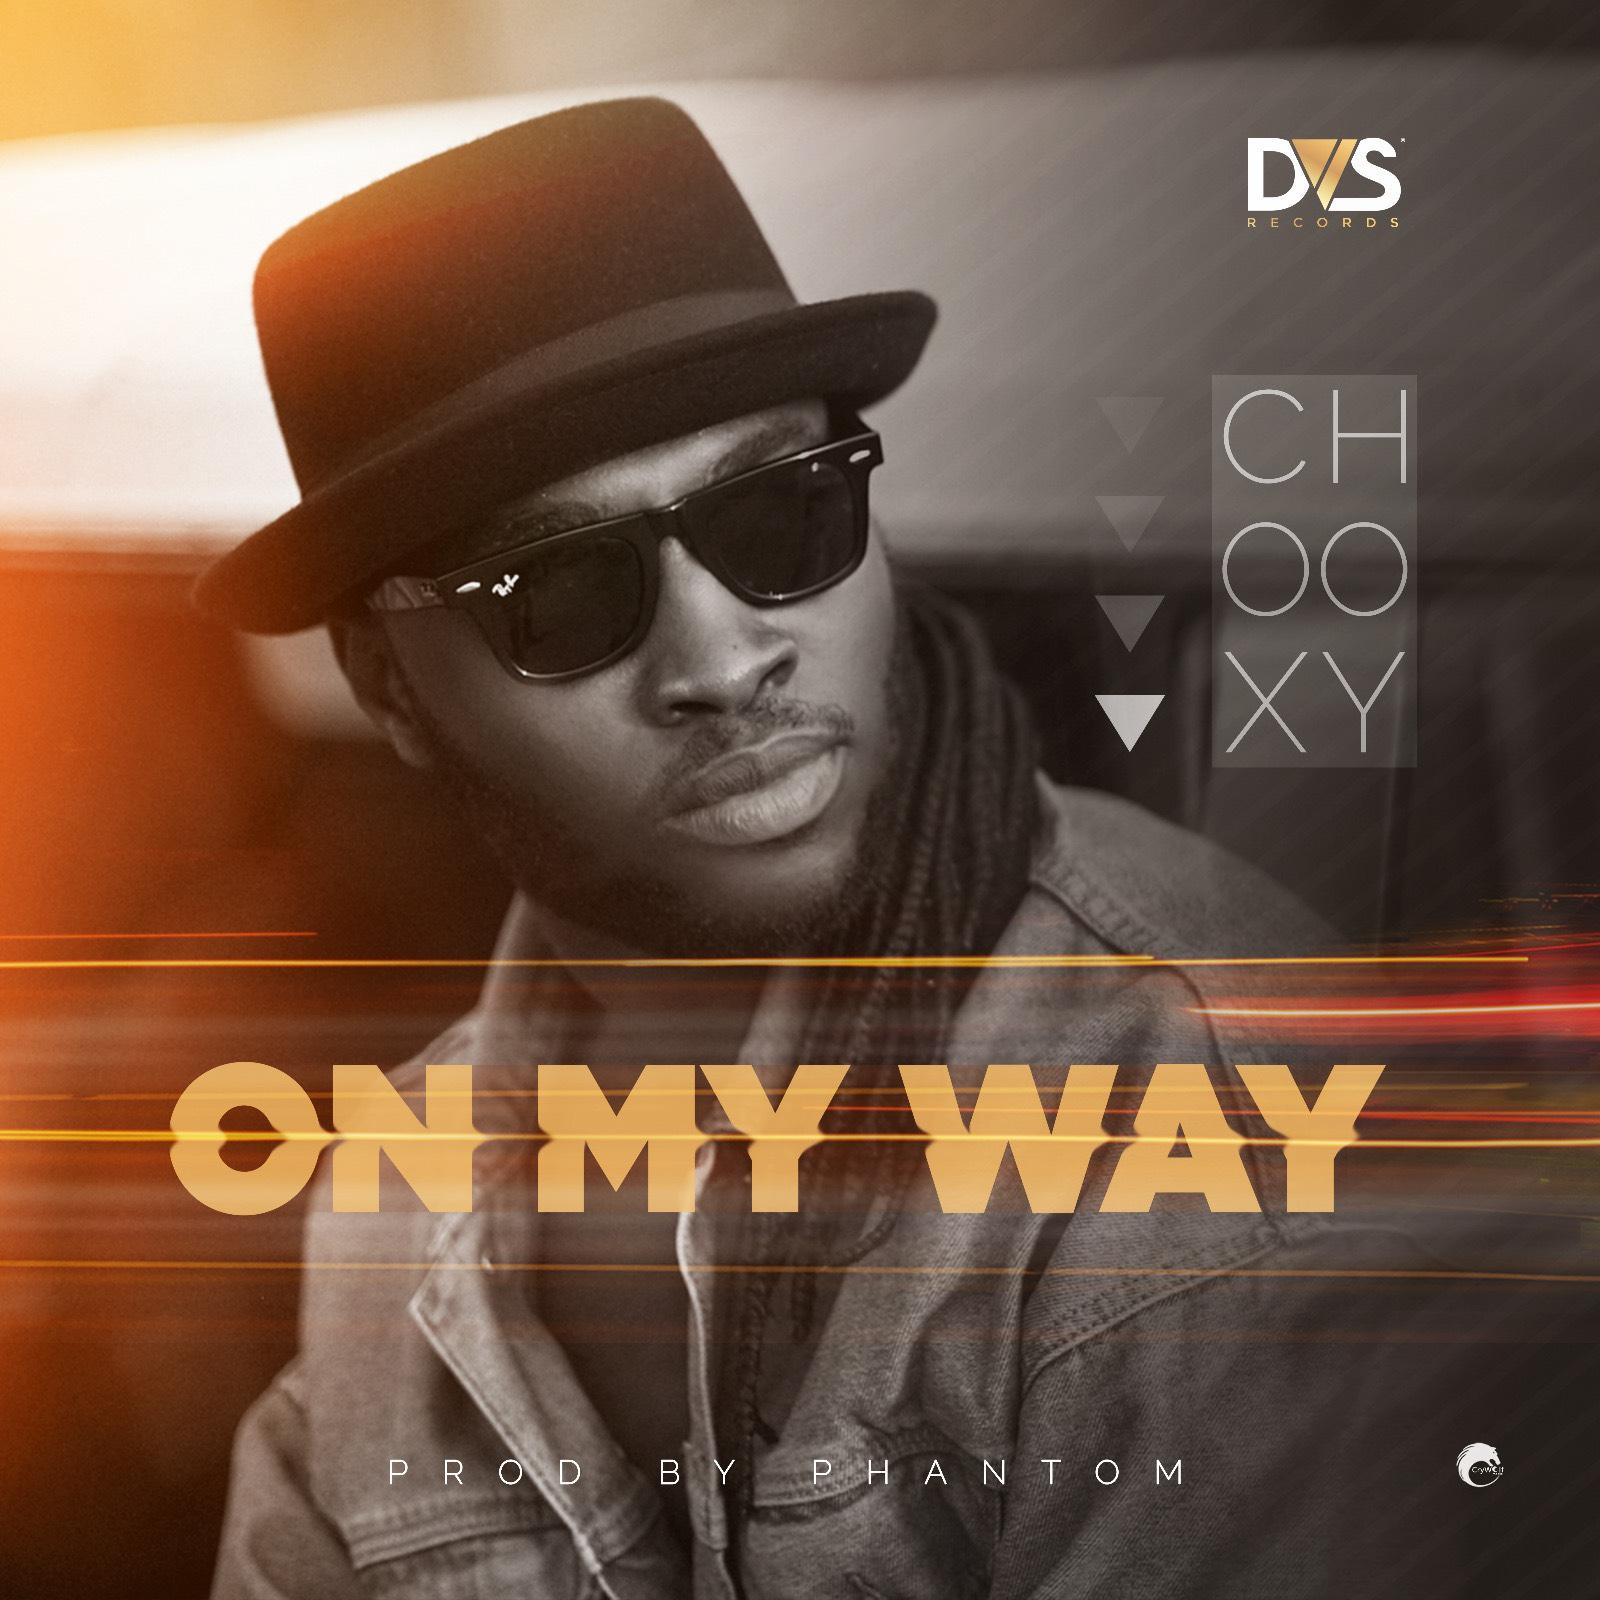 Chooxy - On My Way (Prod. by Phantom)